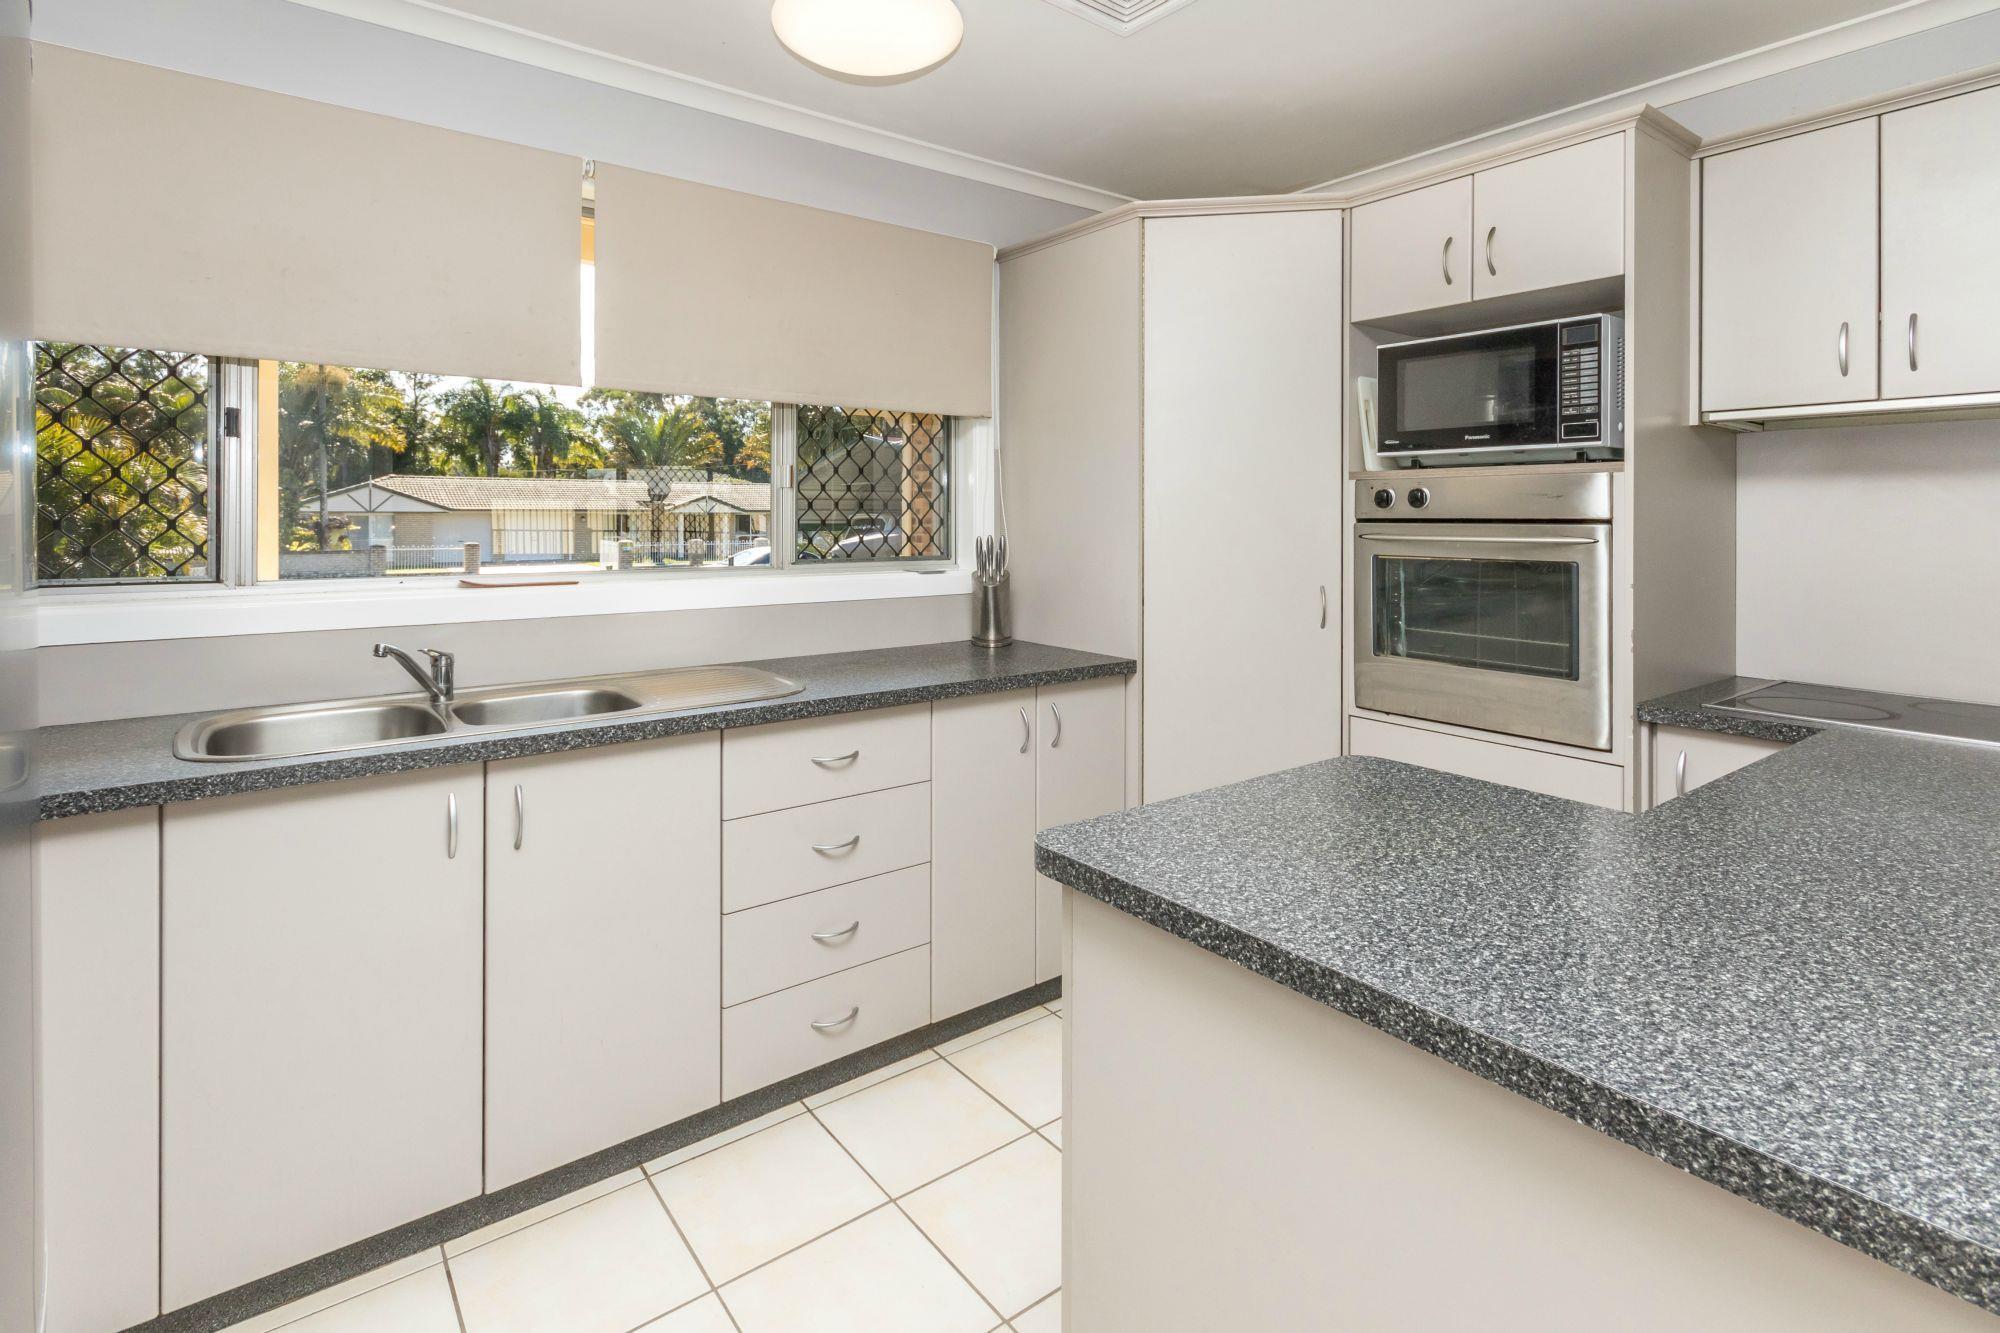 29-31 Cobb Road, Burpengary Private Sale as of 27 June 2018